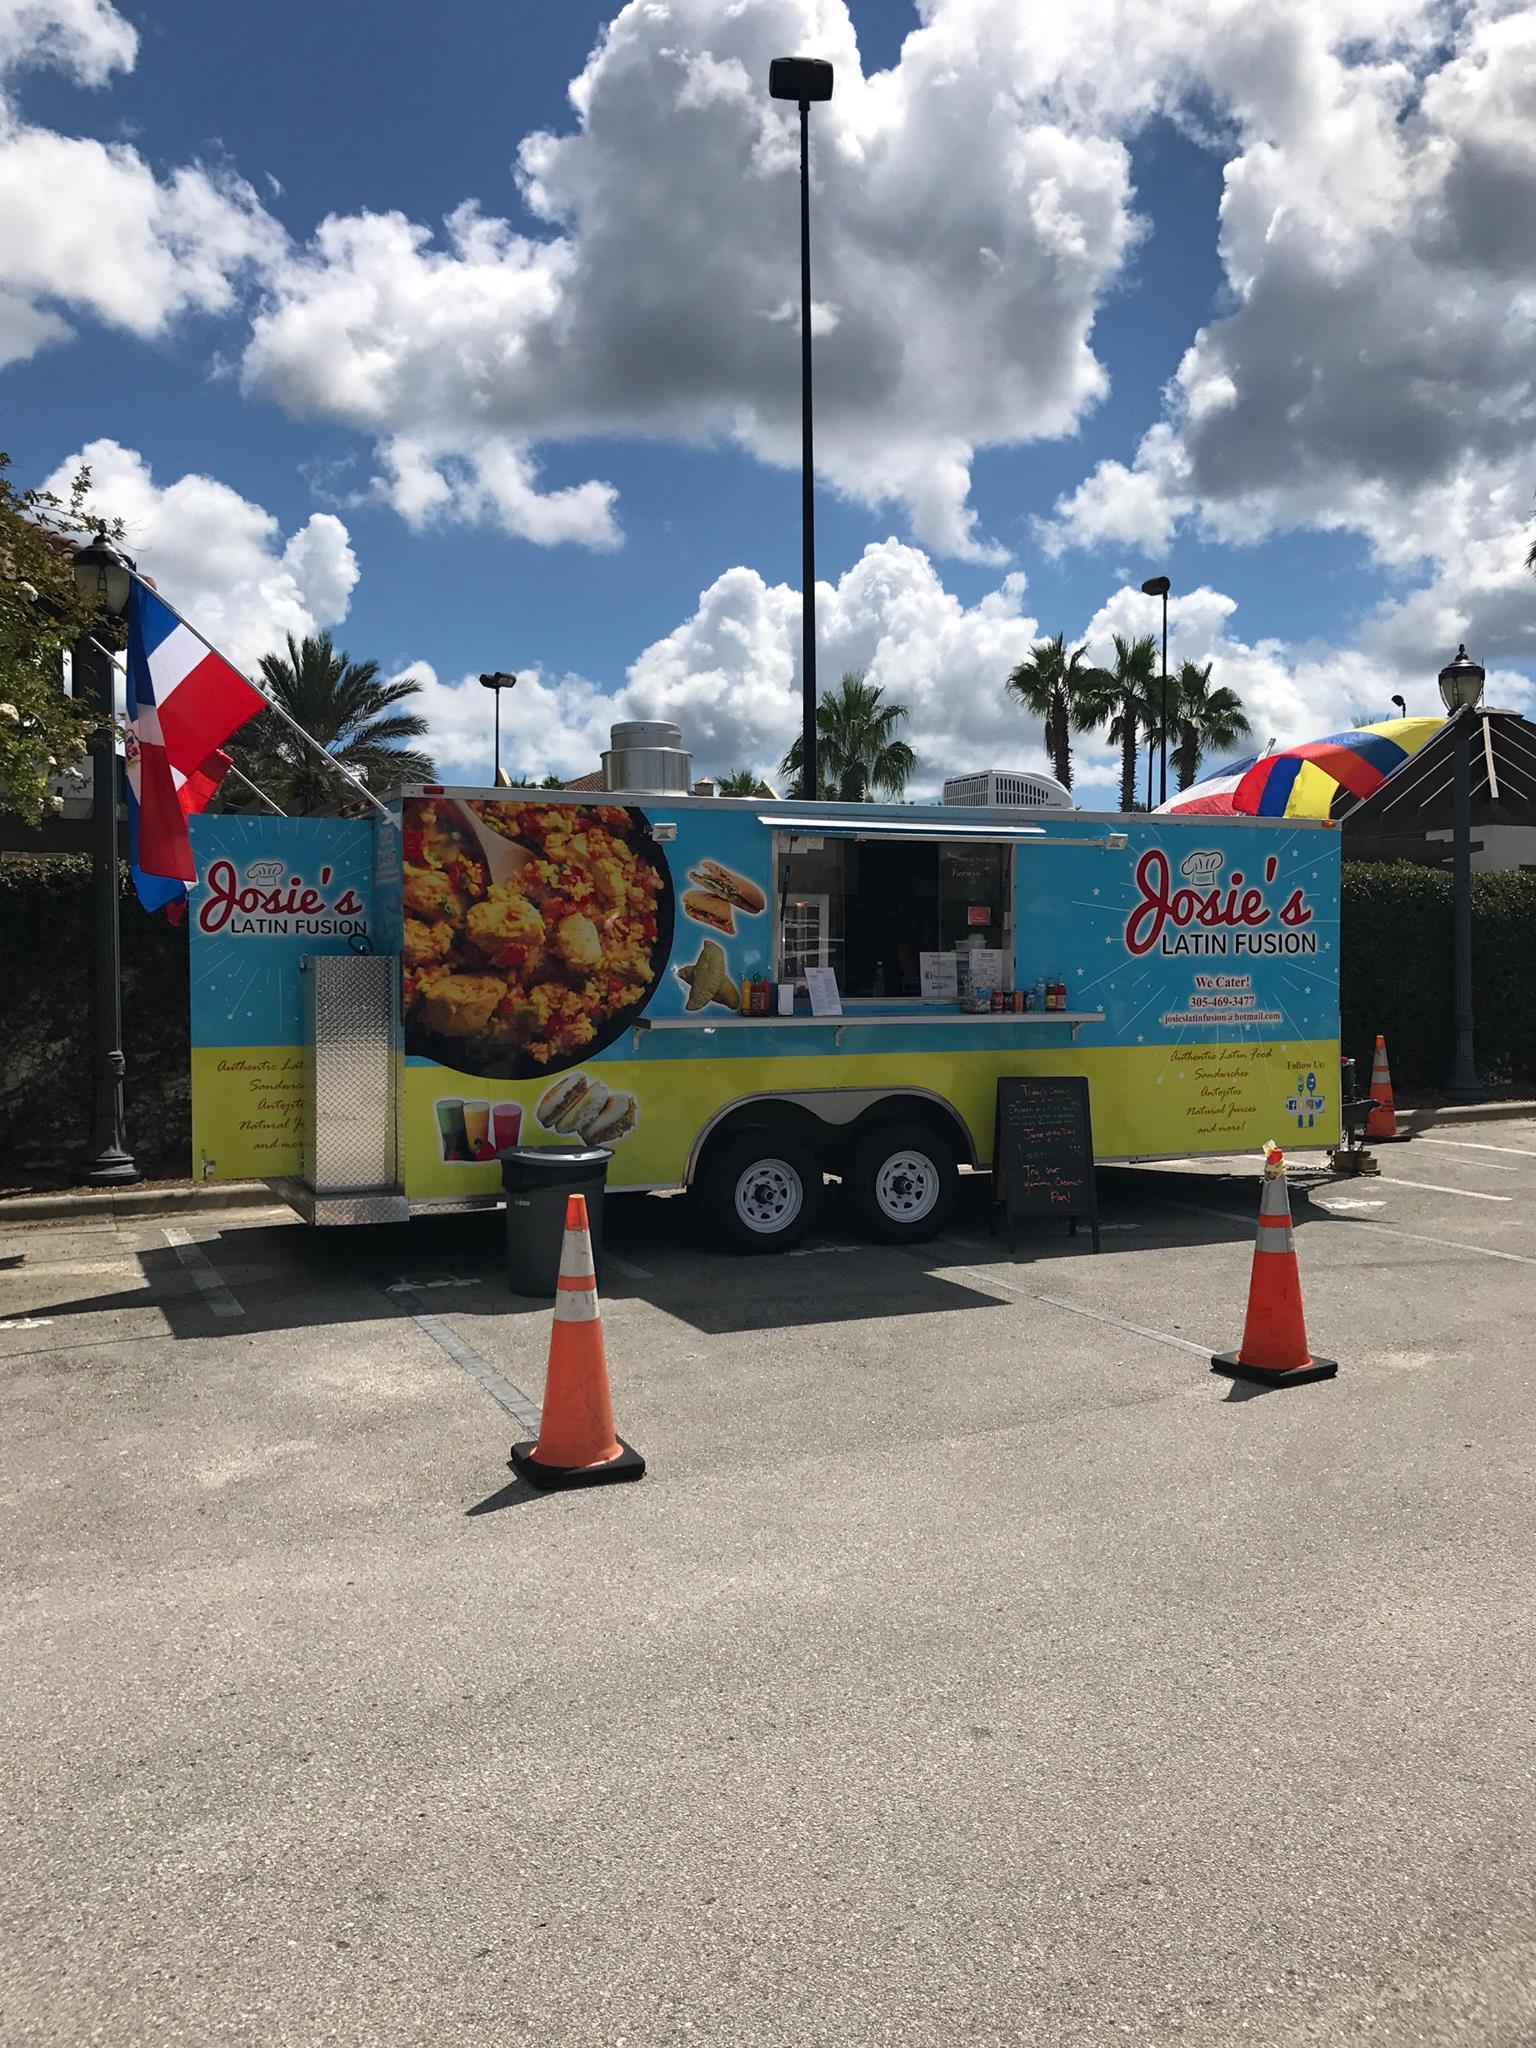 Josie's Latin Fusion Food Truck